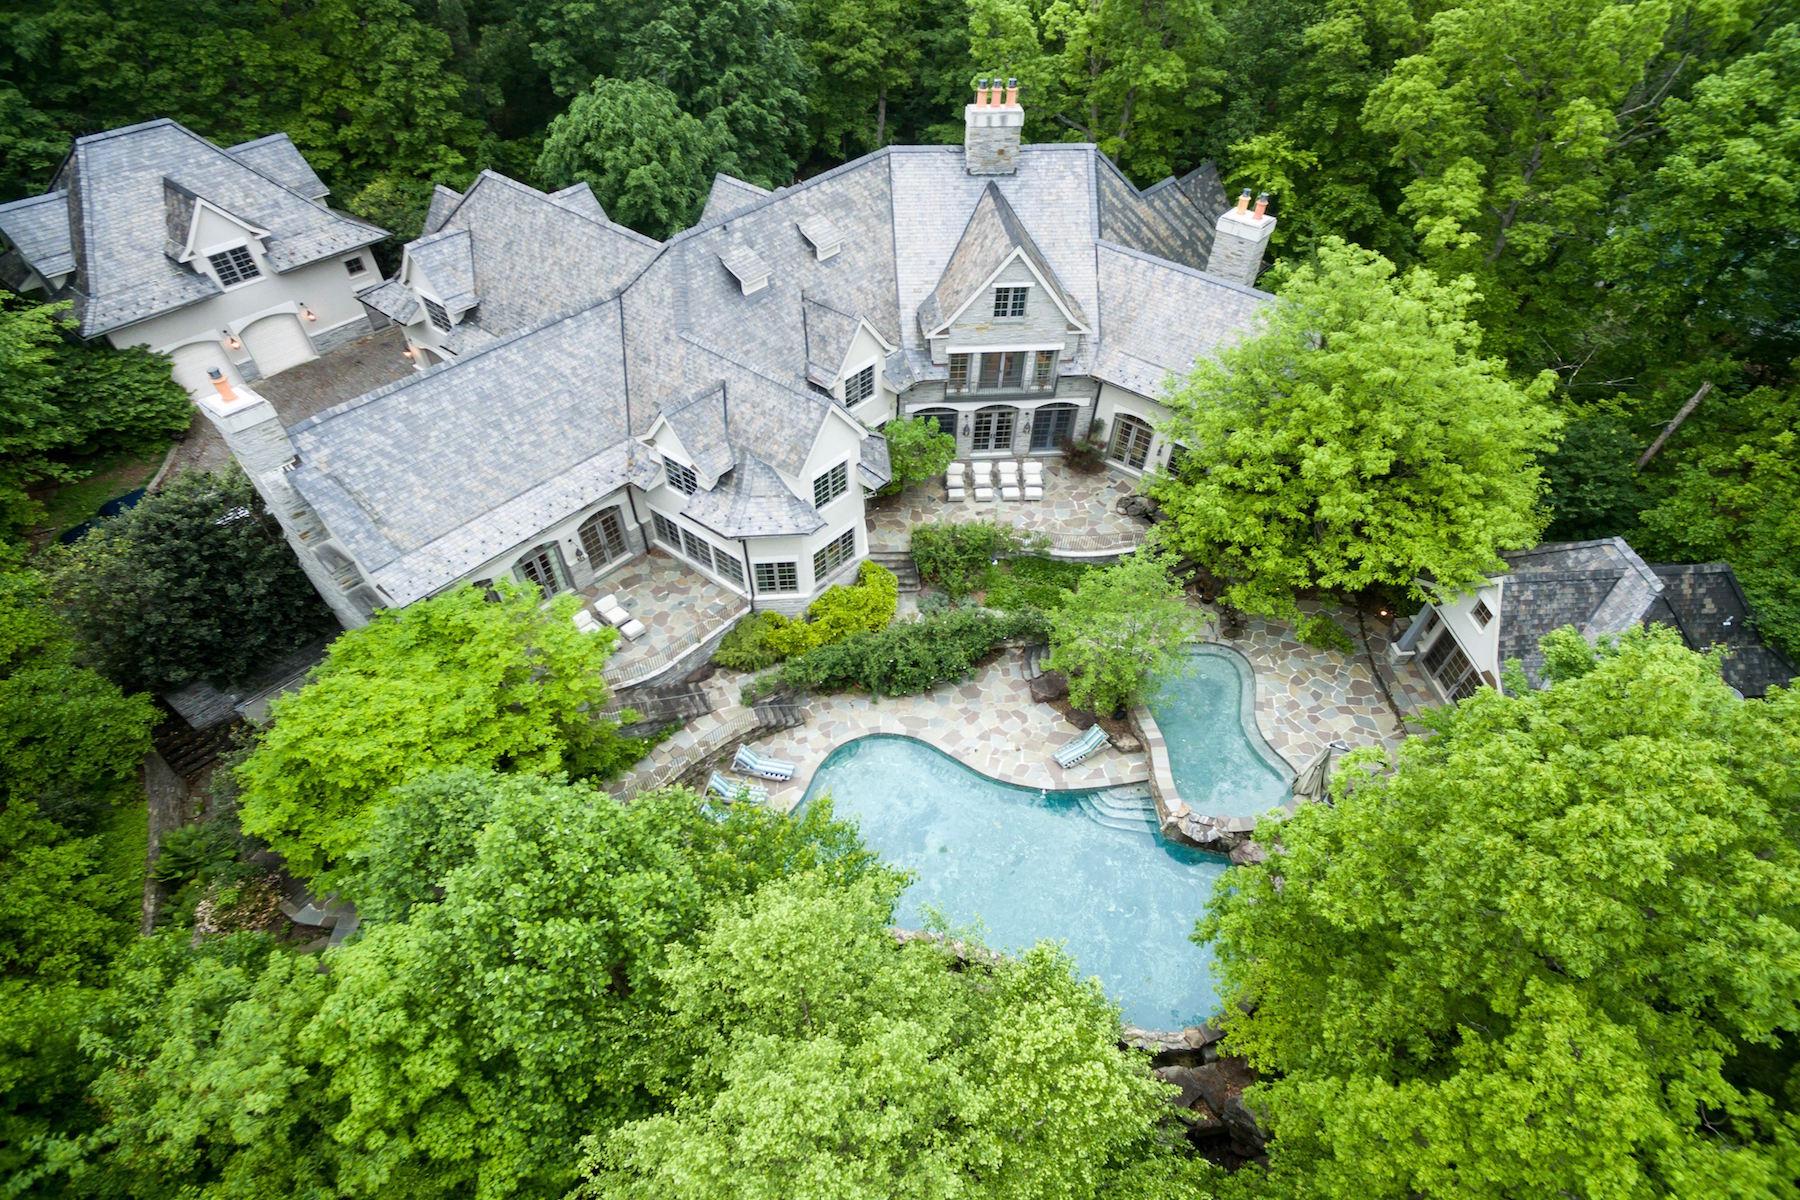 Частный односемейный дом для того Продажа на The House That AOL Built 13768 Balmoral Greens Ave Clifton, Виргиния 20124 Соединенные Штаты